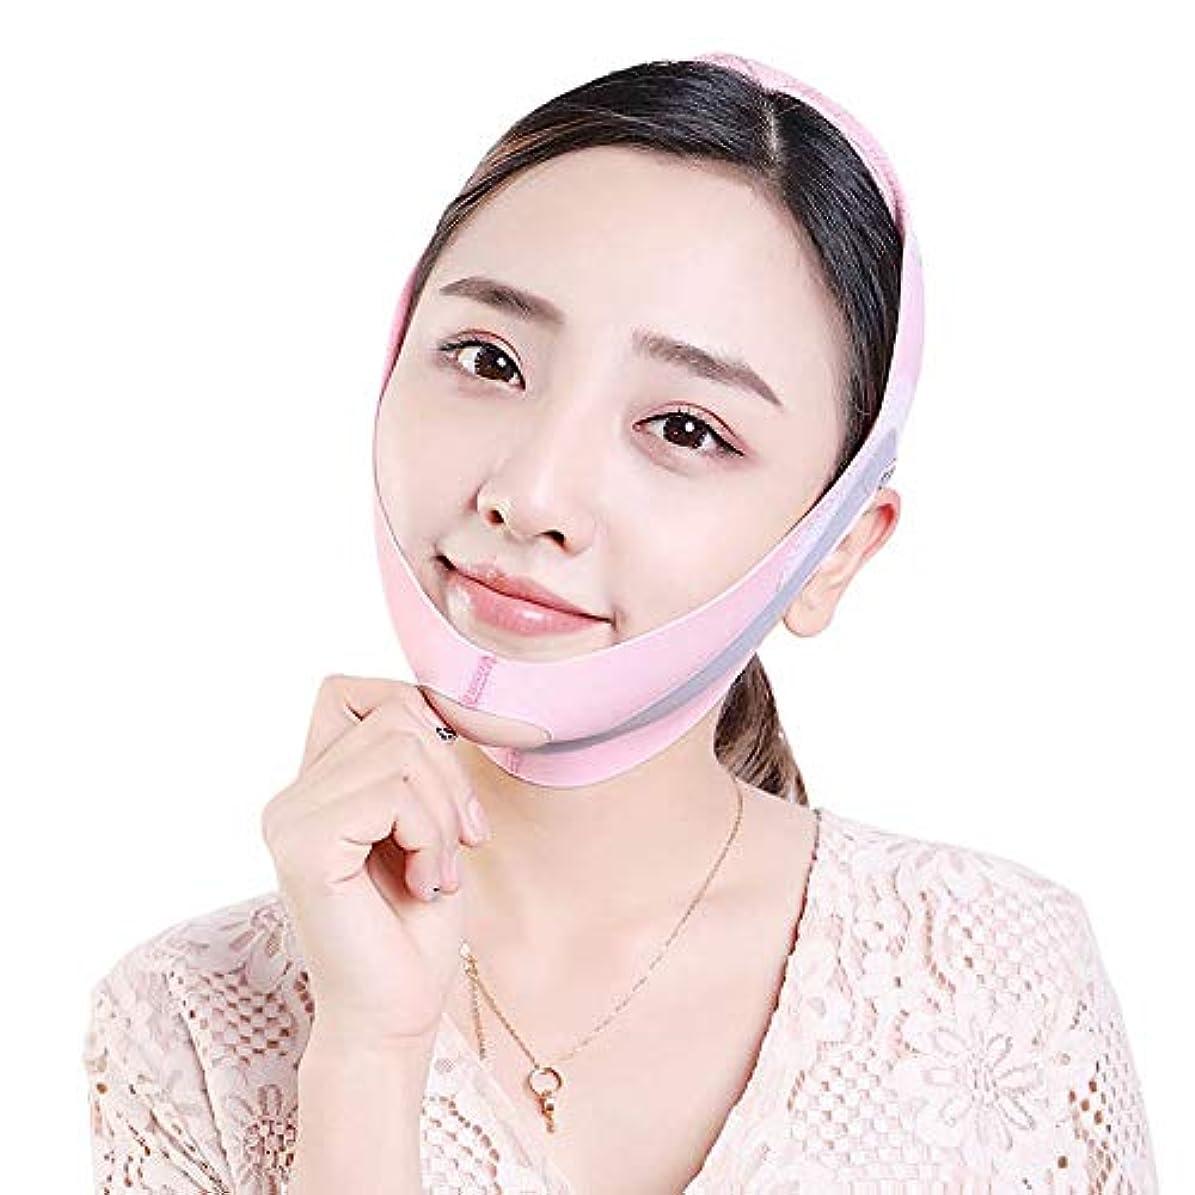 ジェーンオースティンしばしば呼吸するGYZ たるみを防ぐために顔を持ち上げるために筋肉を引き締めるために二重あごのステッカーとラインを削除するために、顔を持ち上げるアーティファクト包帯があります - ピンク Thin Face Belt